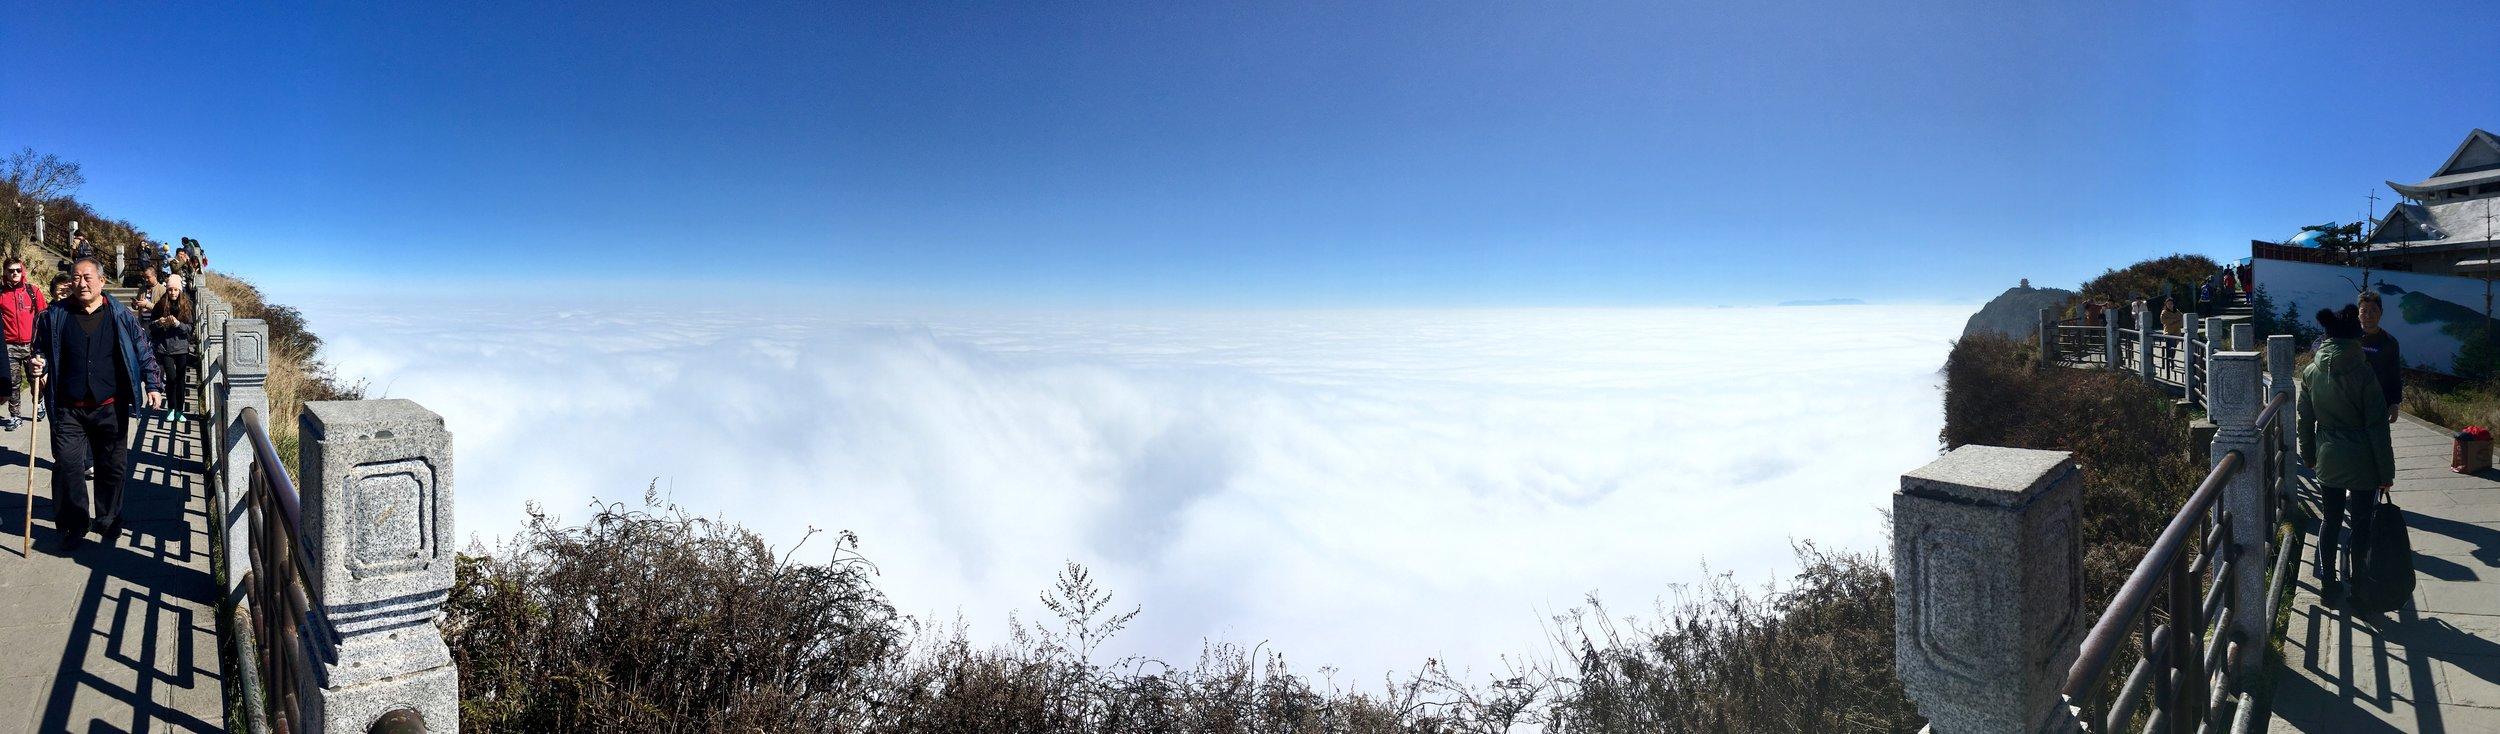 Krajobraz na Górze Emei